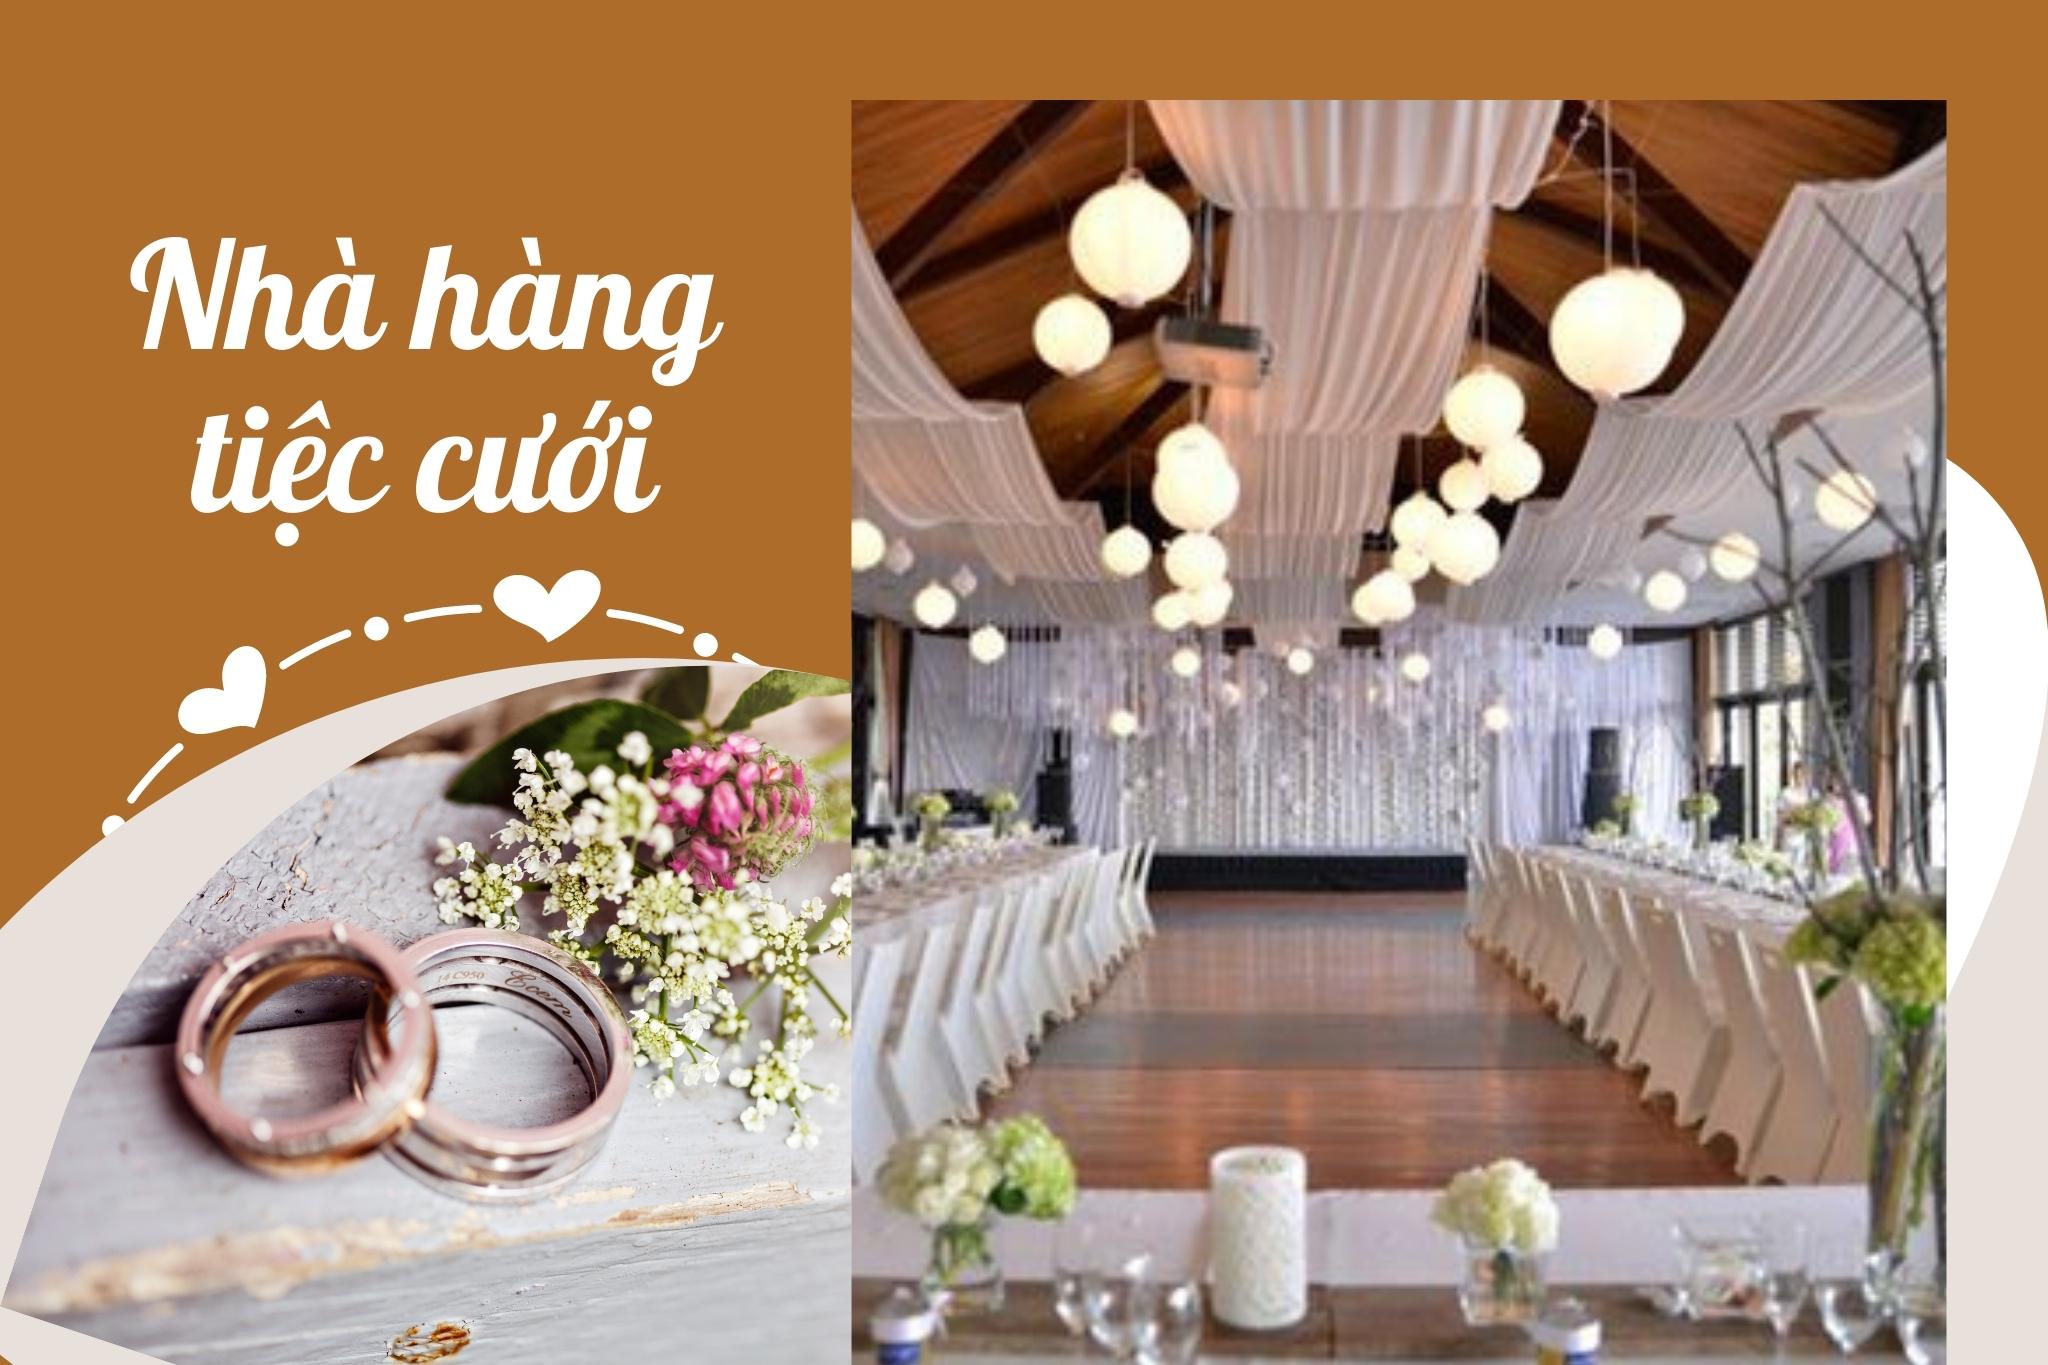 Thiết kế nhà hàng tiệc cưới sang trọng đẳng cấp